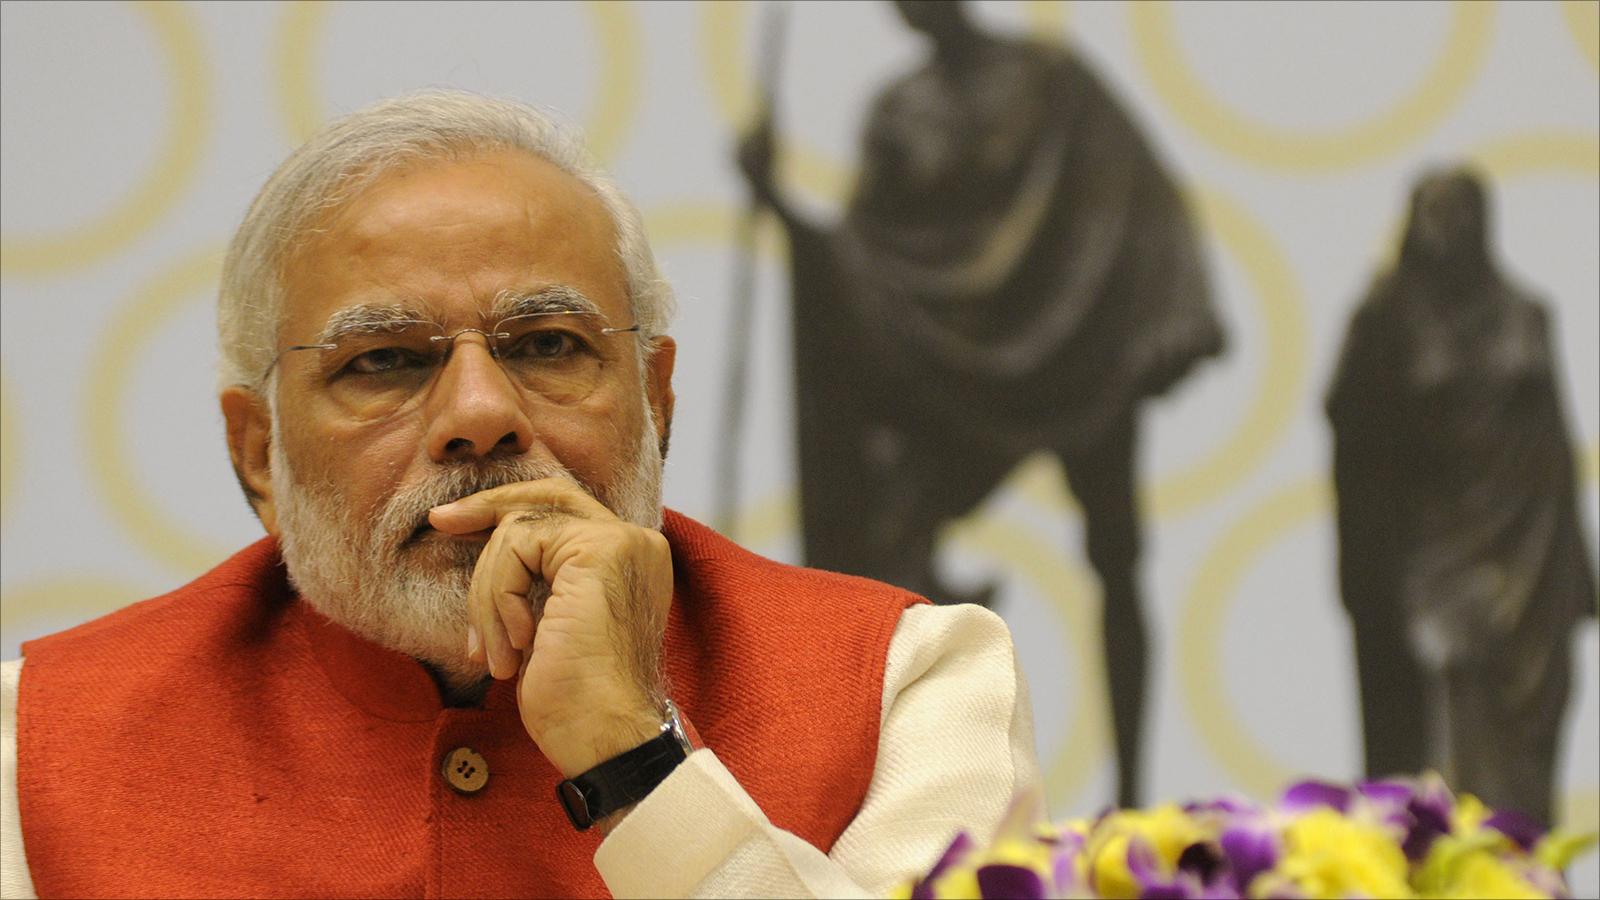 """""""داعش"""" يهدد بالقتل رئيس الوزراء ووزير الدفاع الهندي لمنعهم اكل لحم البقر"""